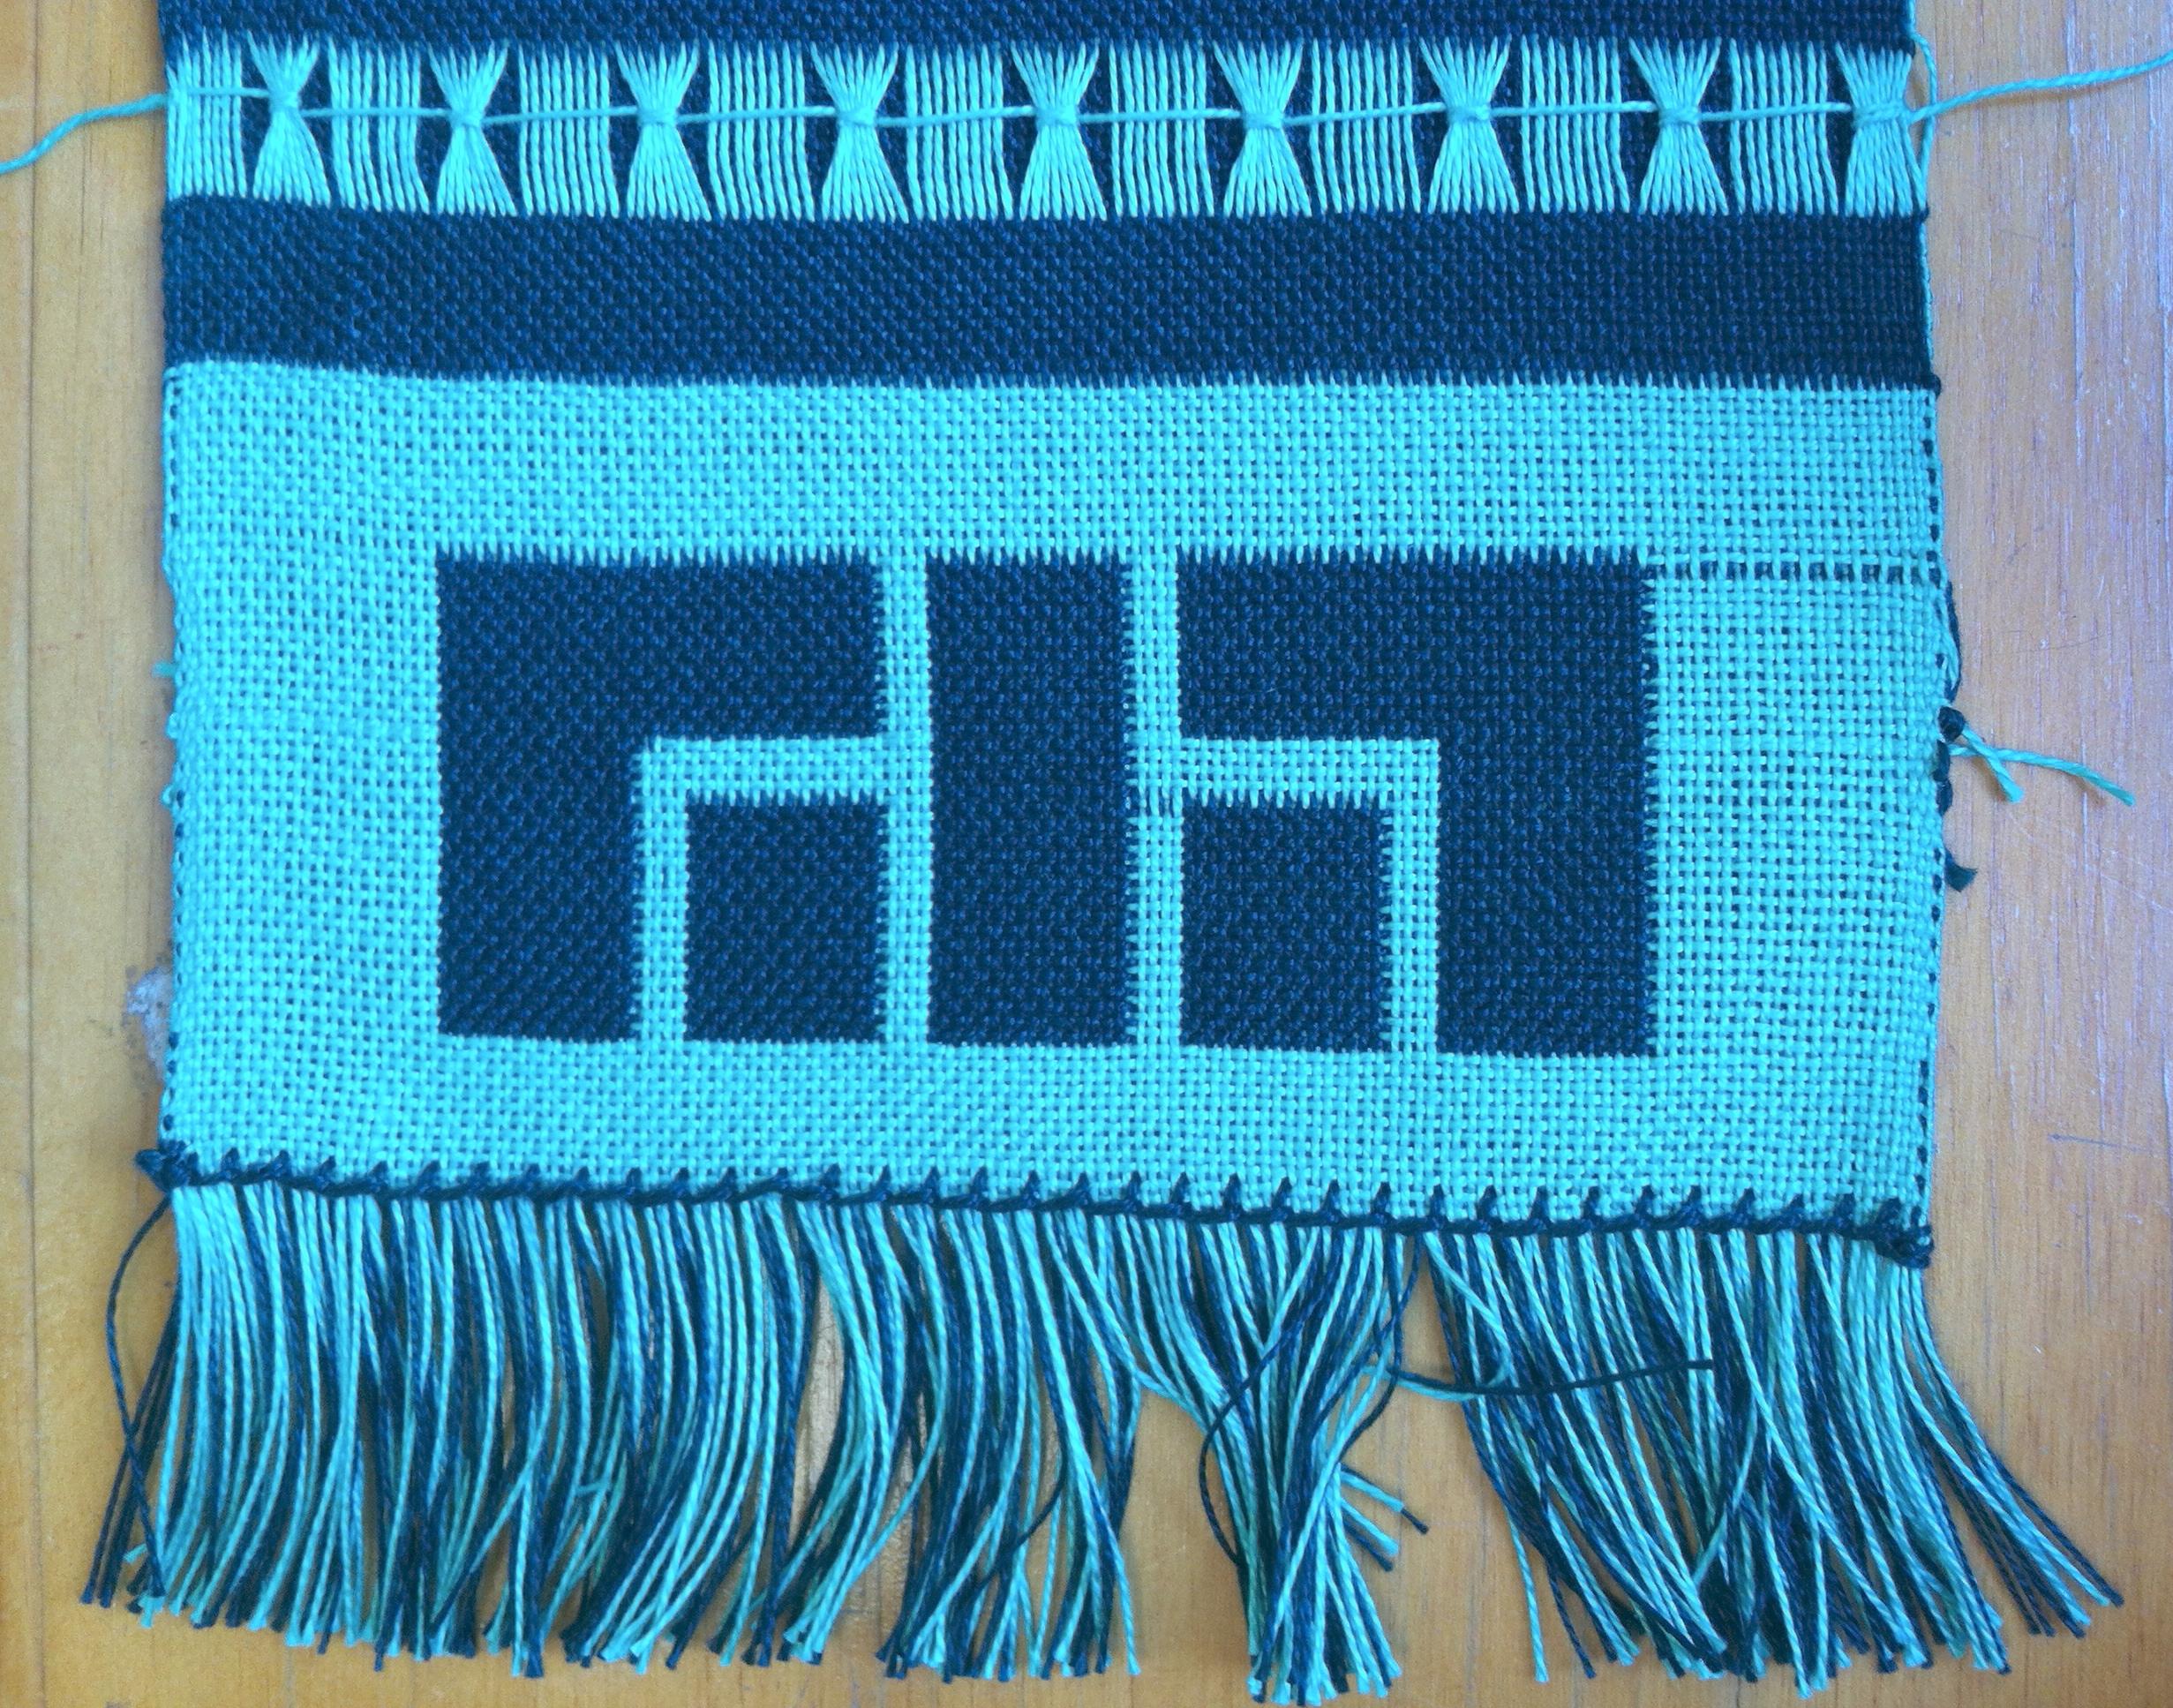 Textile Design -